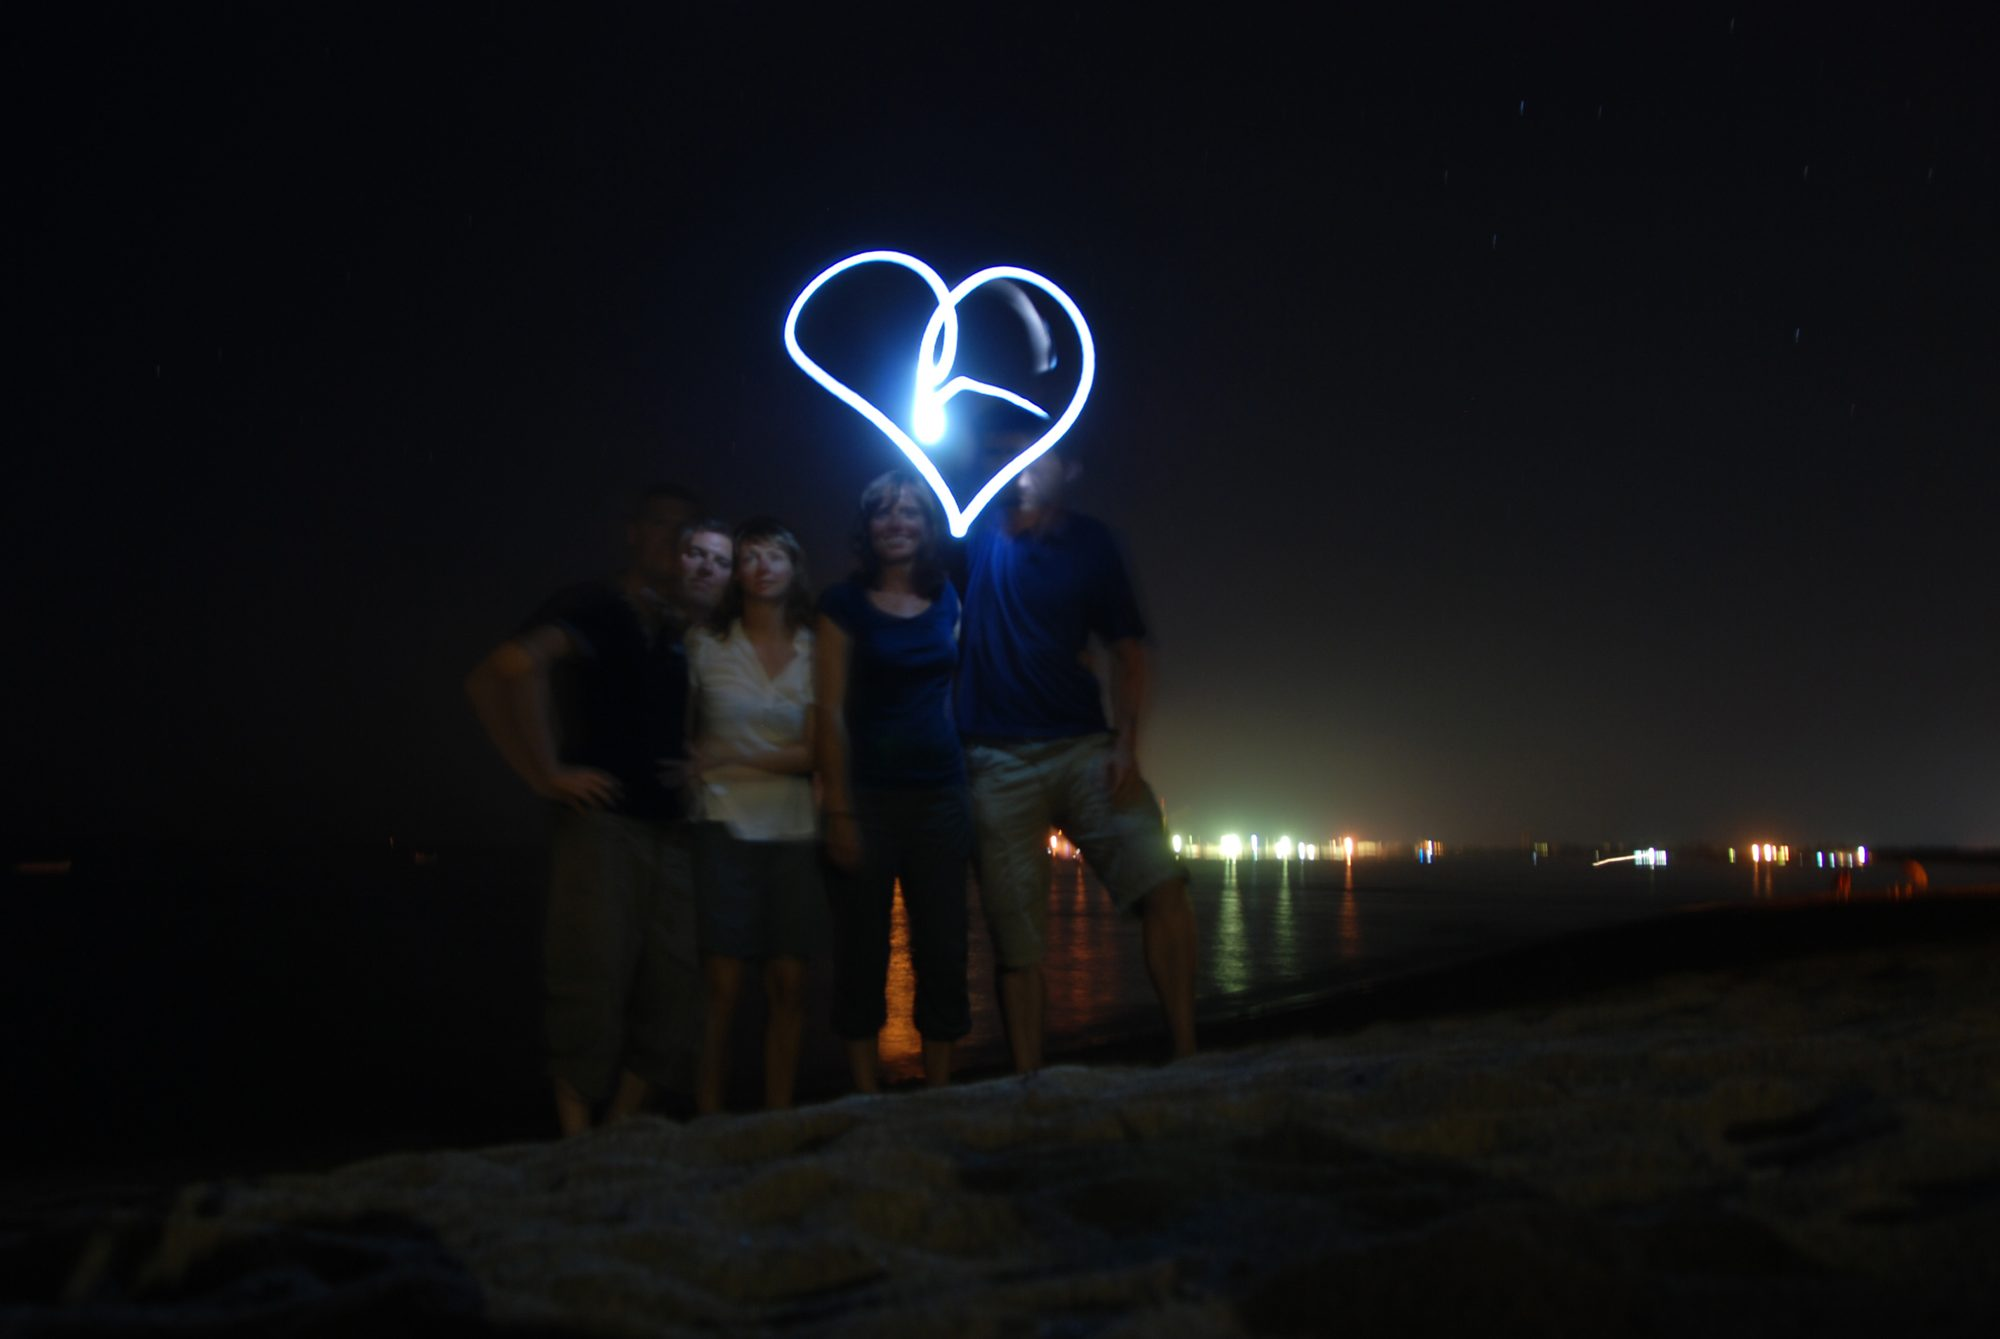 2012 - Sardinien nachts am Strand. Losi, Maria, Luisa und Thilo.